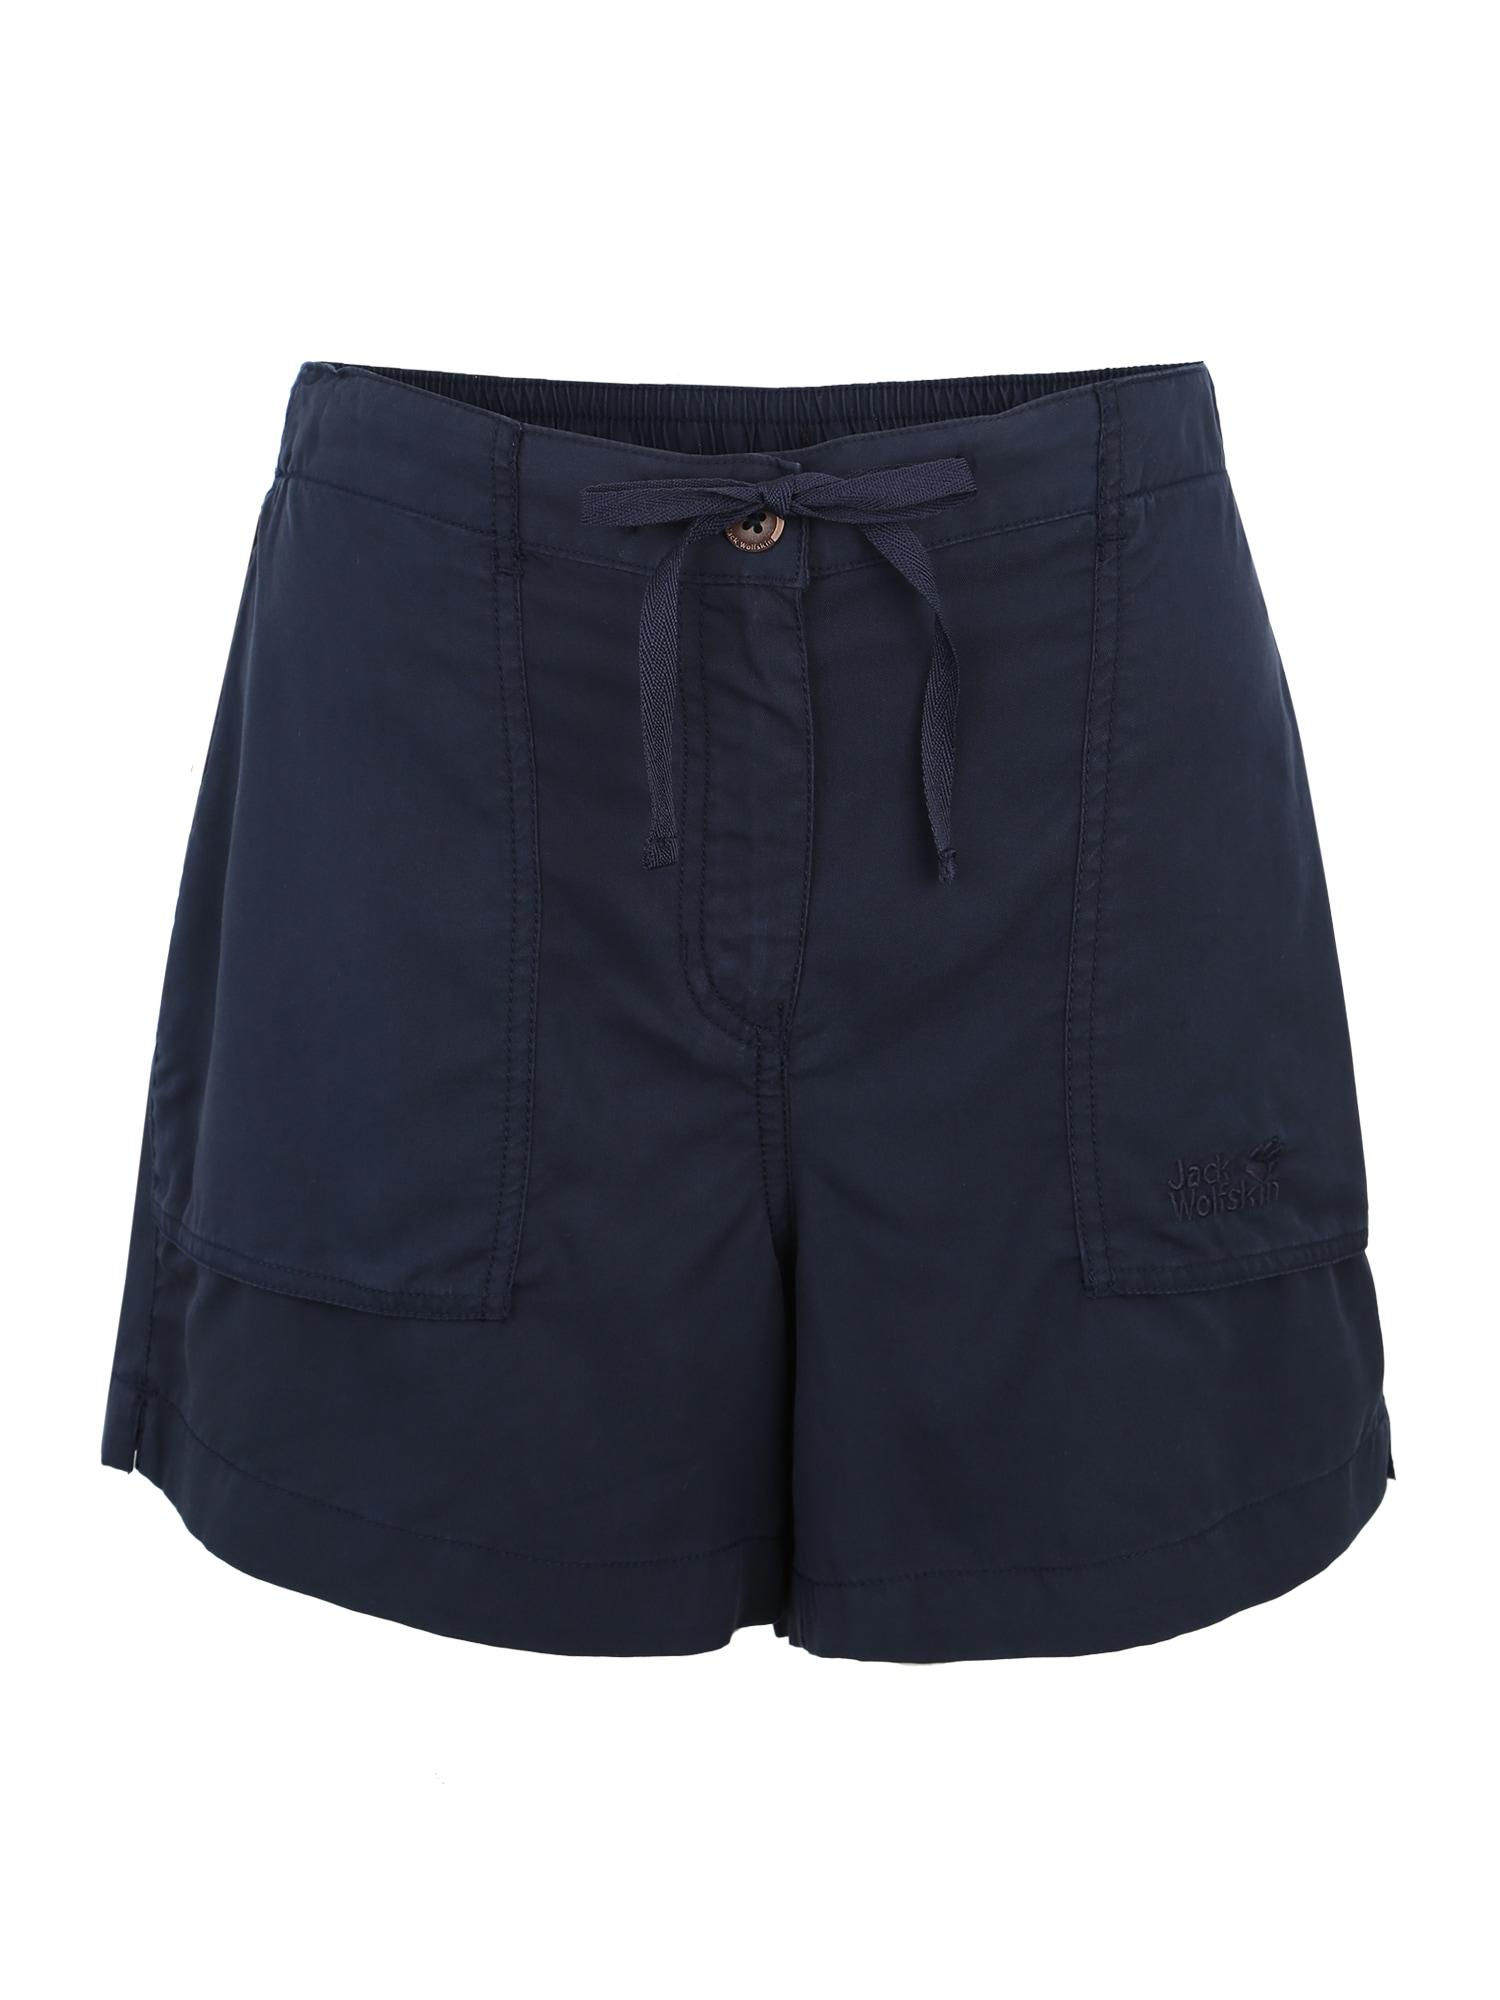 Sportovní kalhoty MOJAVE noční modrá JACK WOLFSKIN